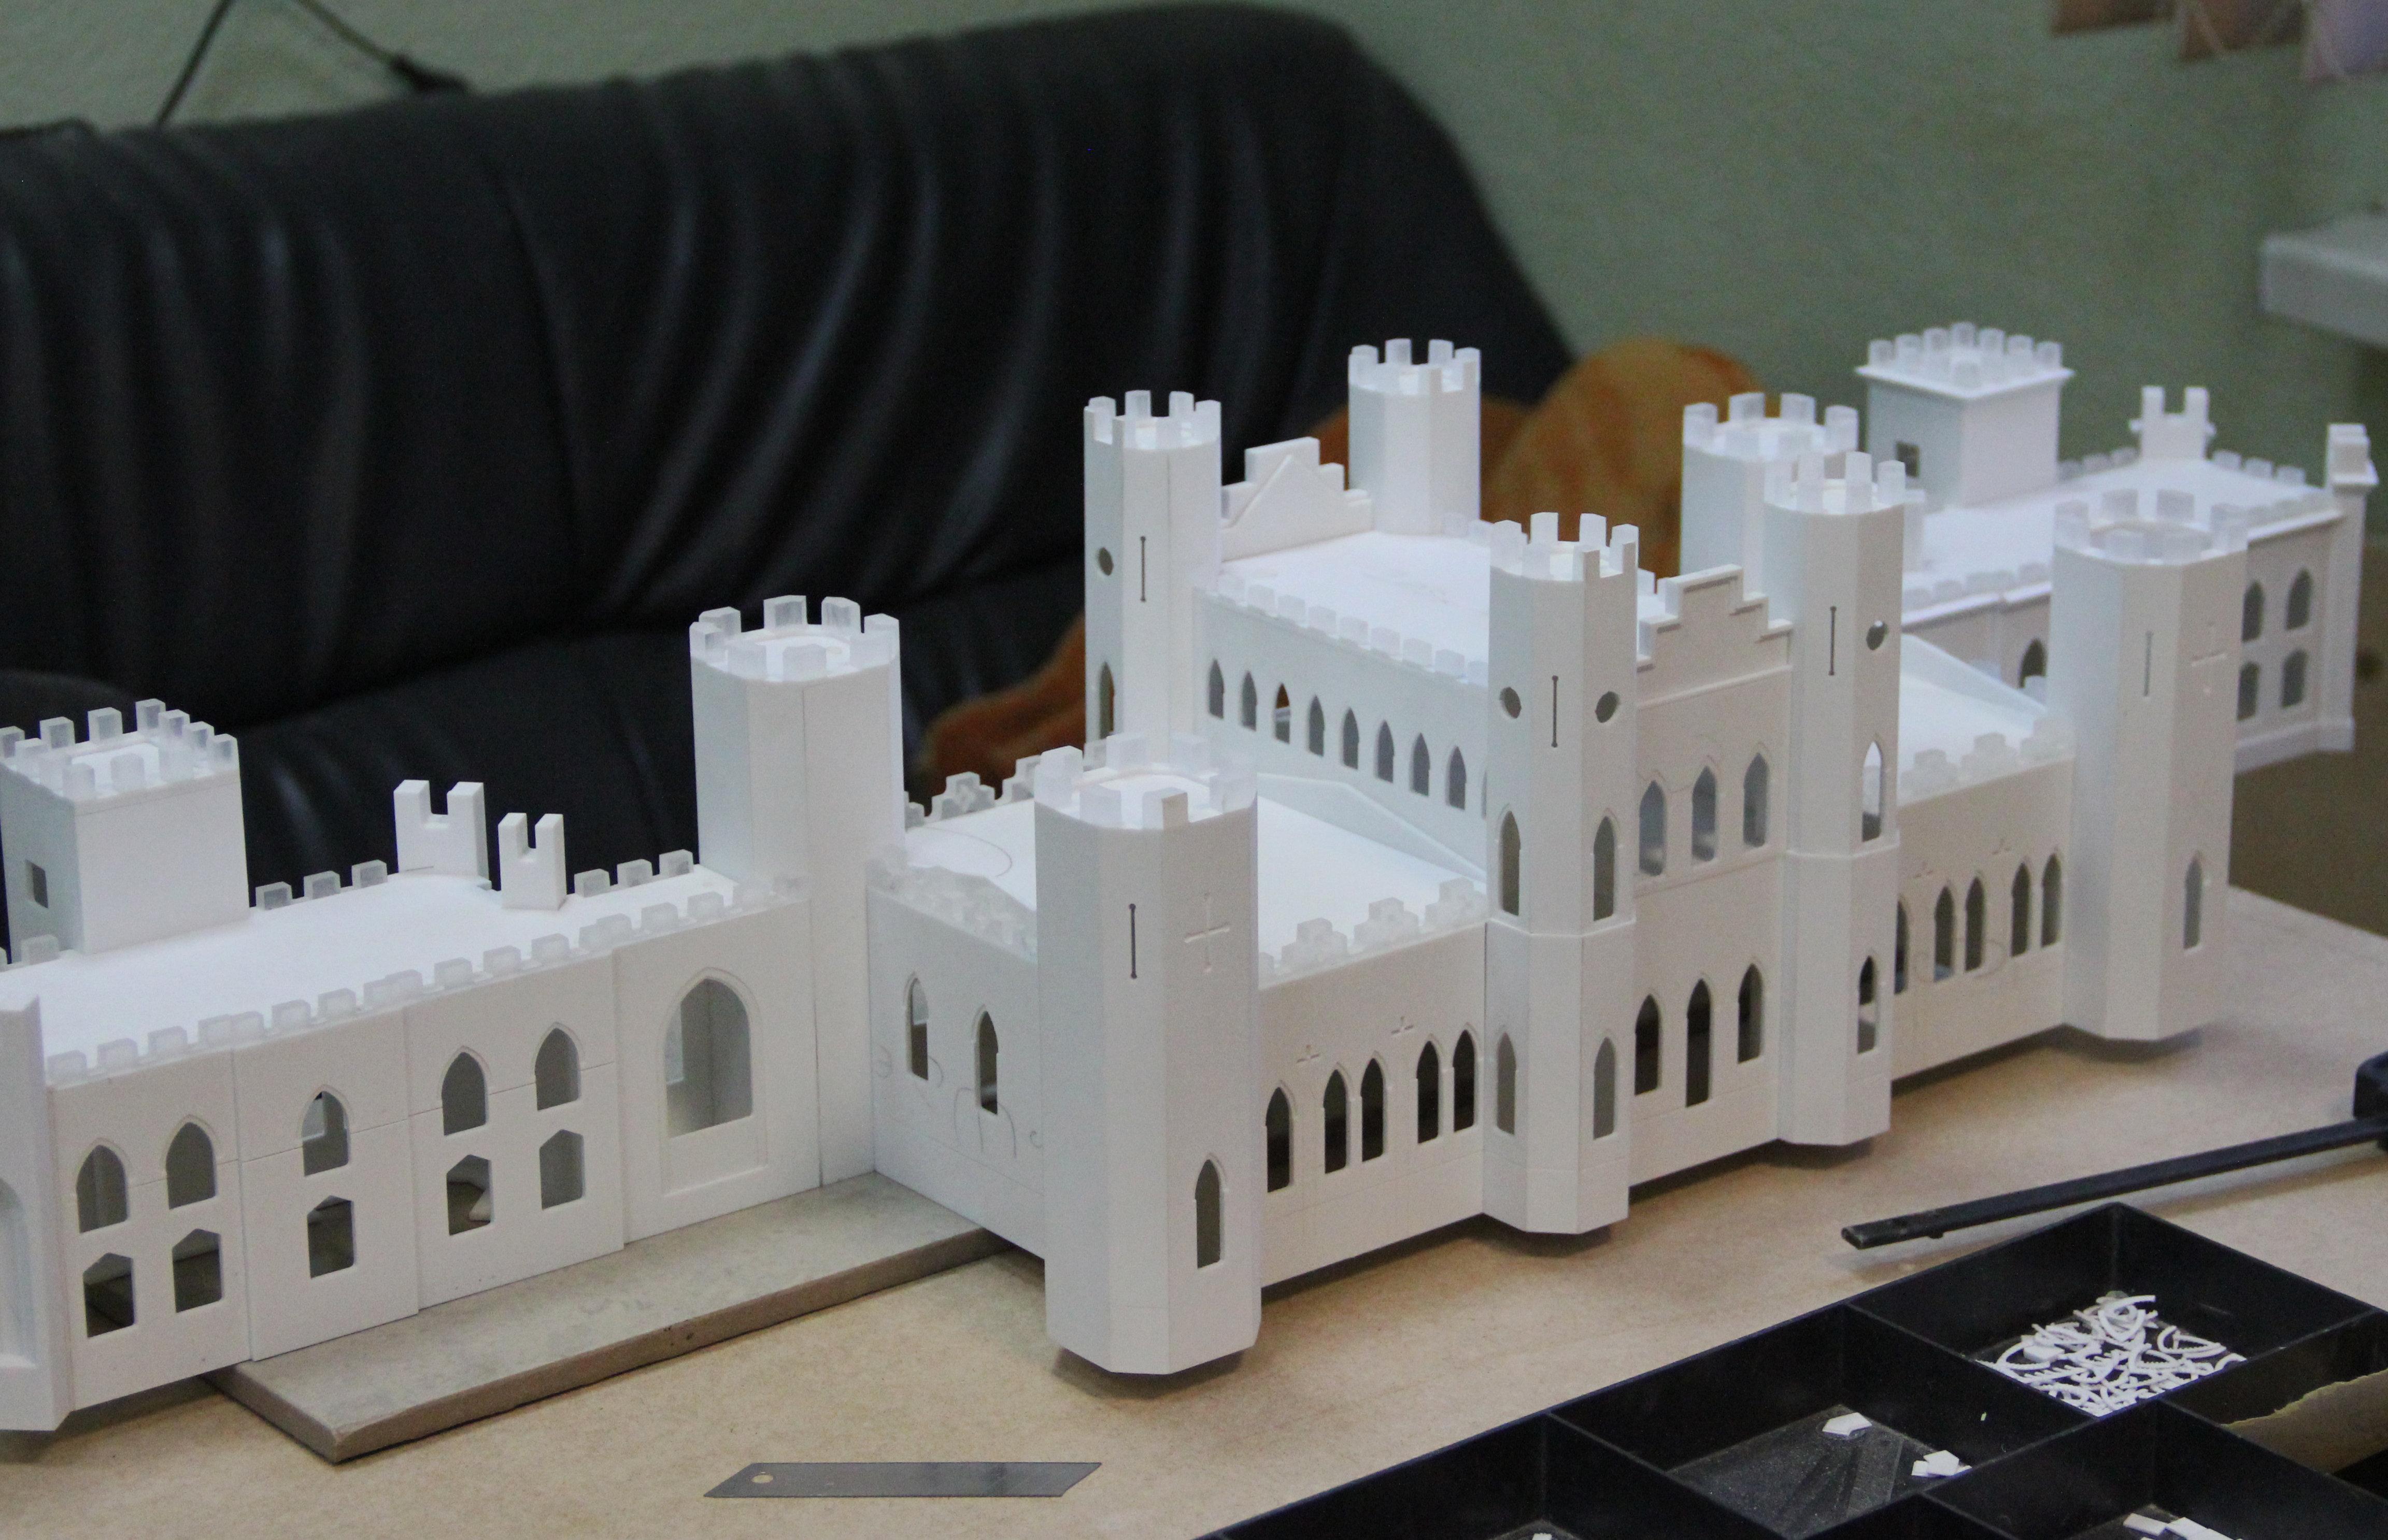 Дворец Пусловских в Косово было непросто воссоздать в миниатюре - слишком сложная геометрия